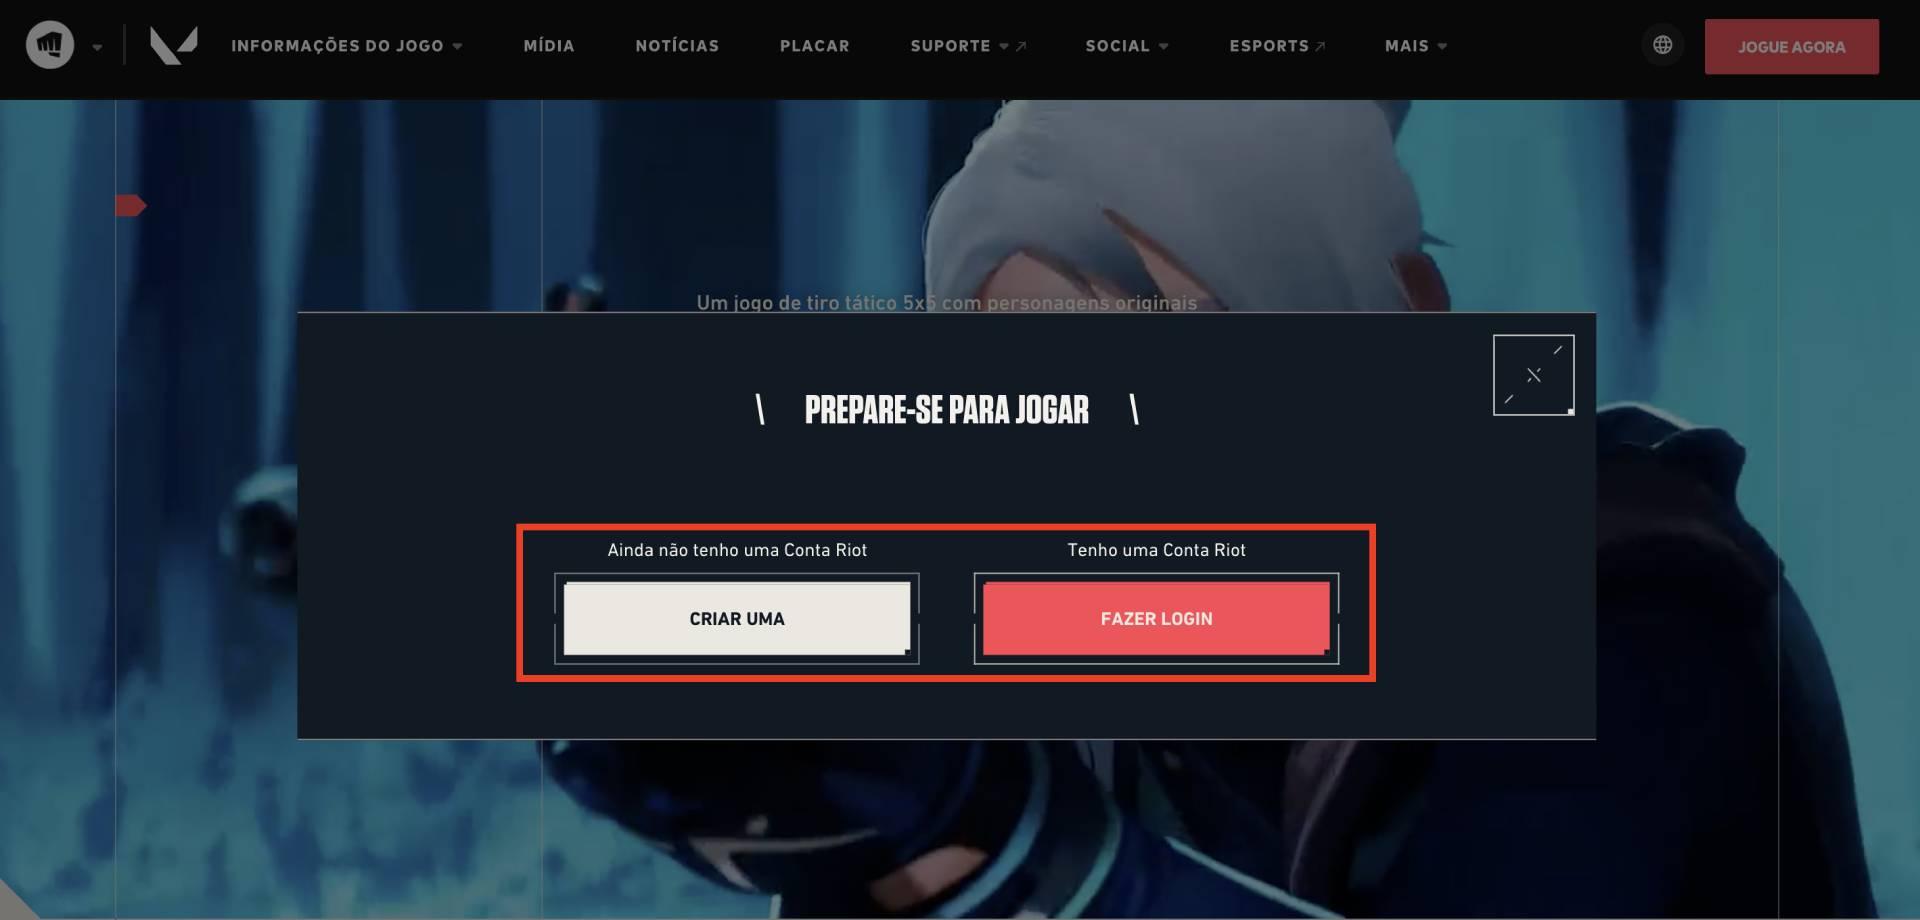 Página inicial de Valorant com quadrado marcando as opções de login no site